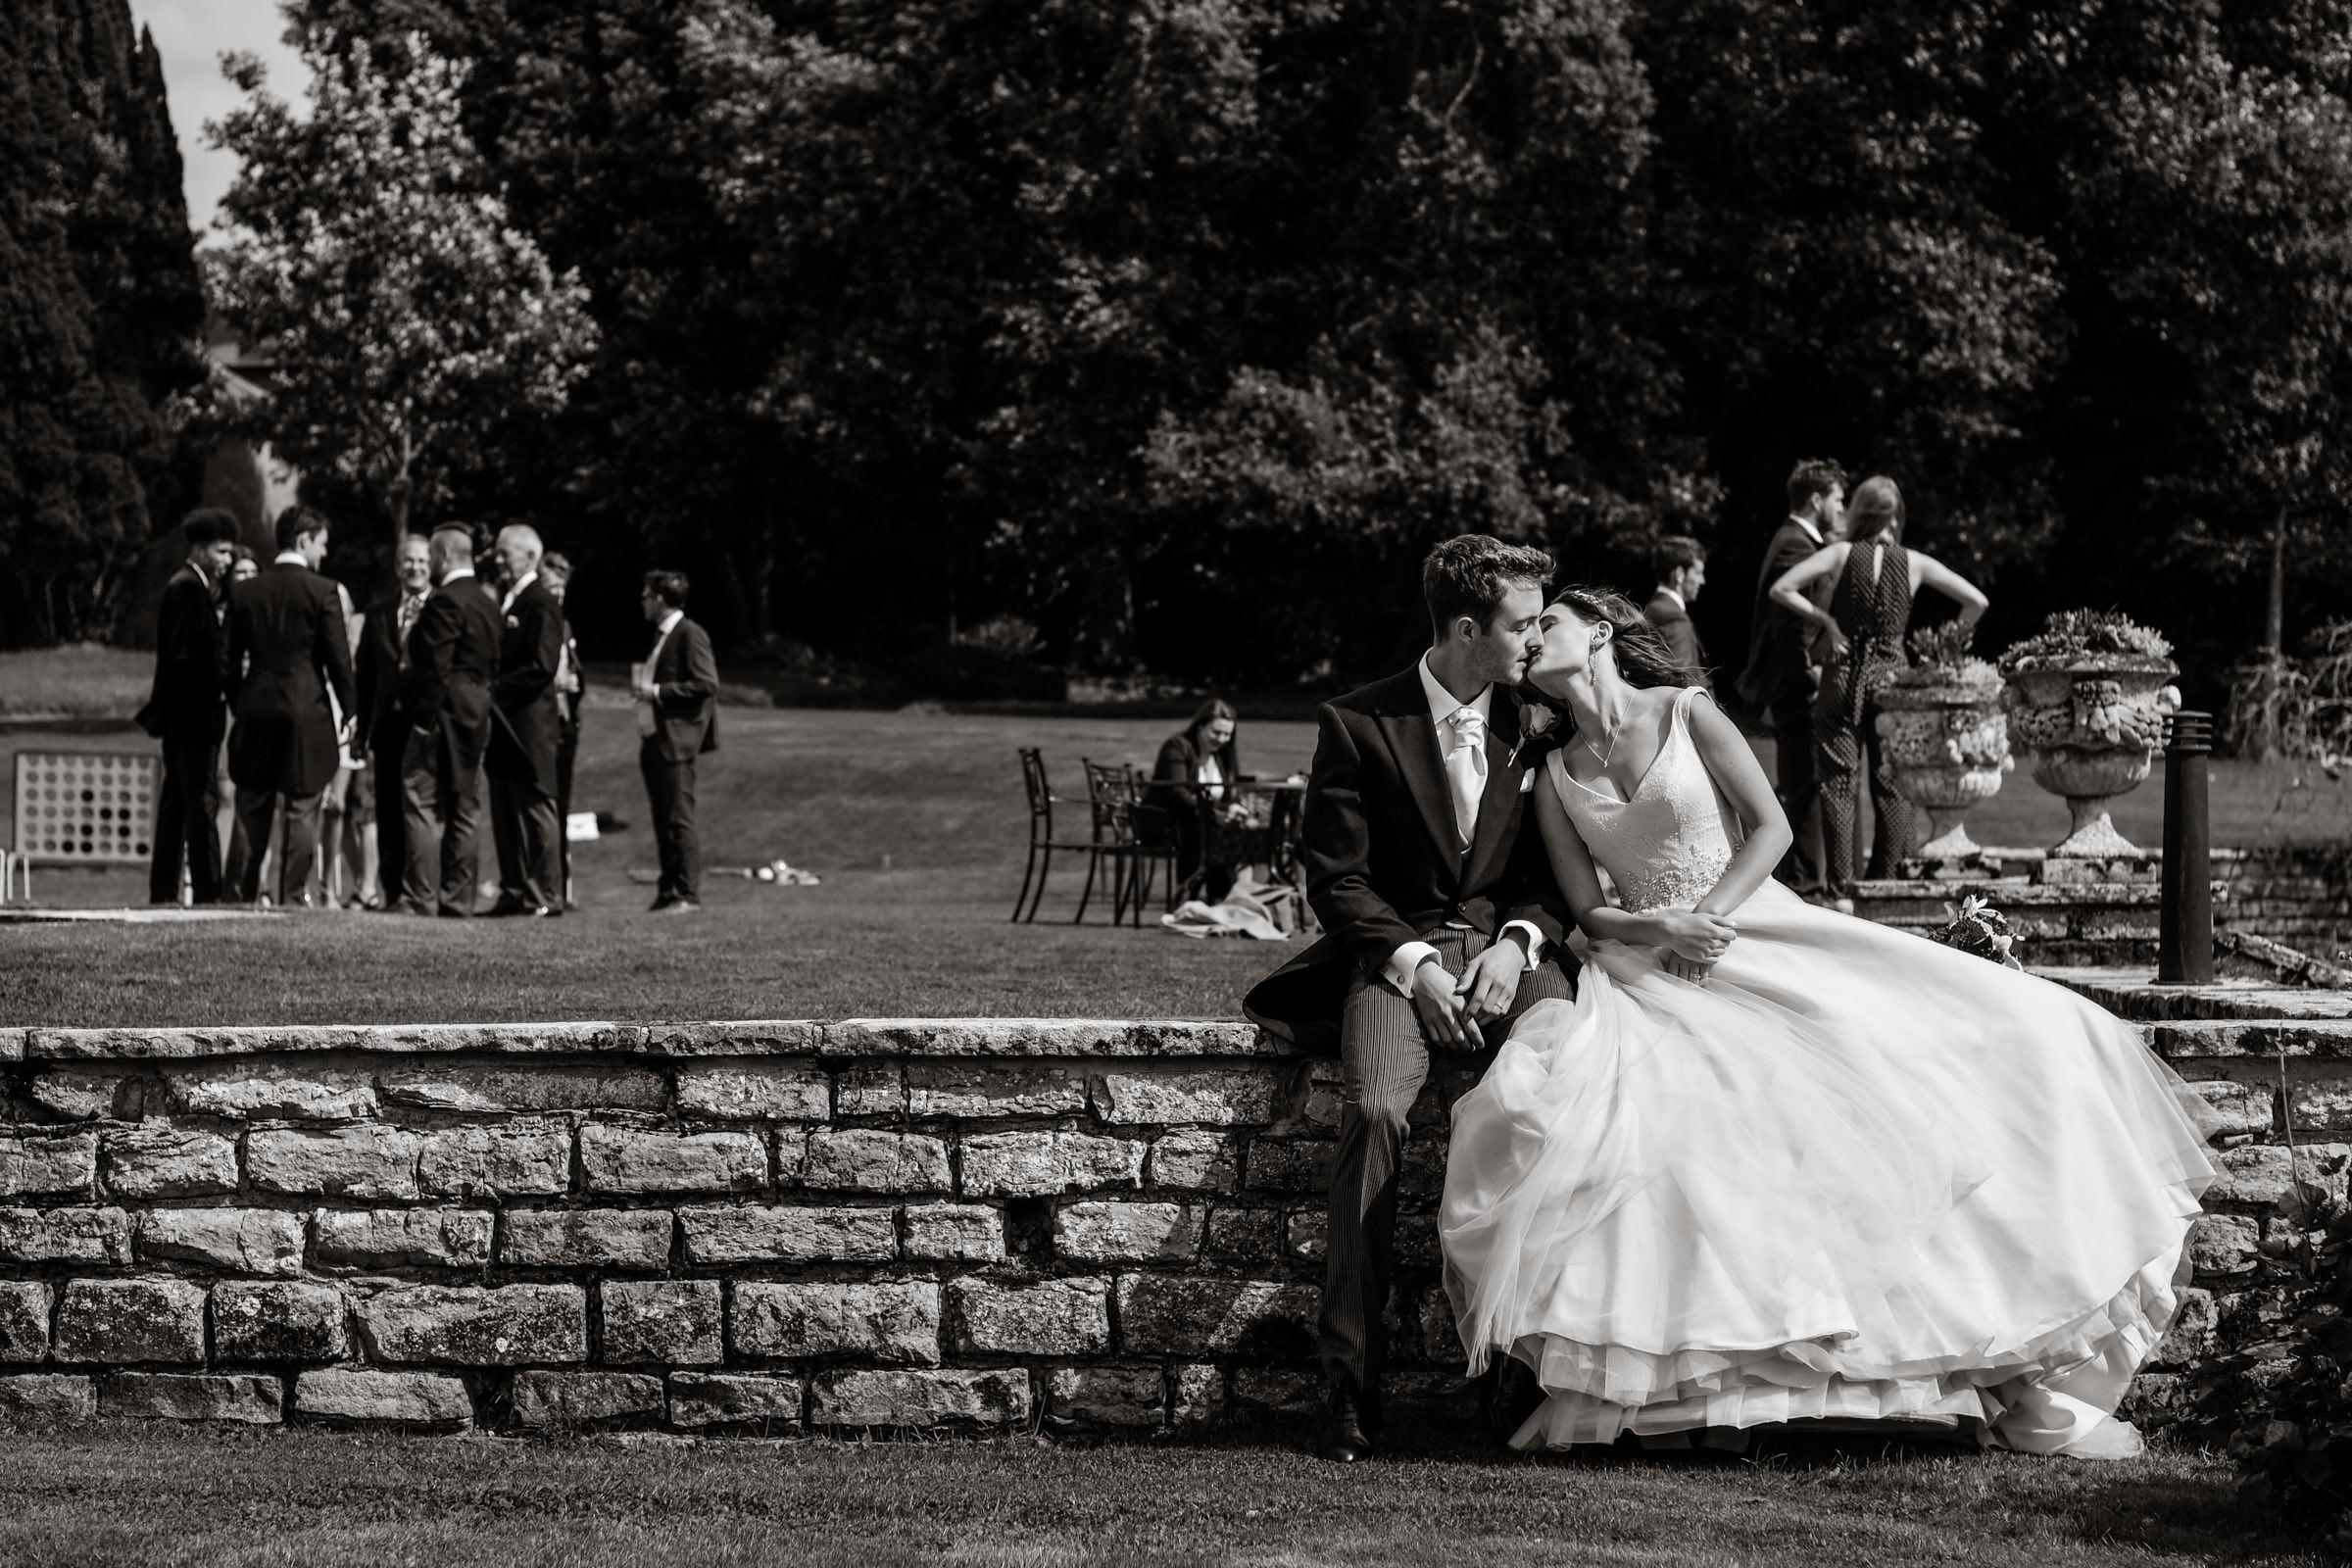 Rockbeare+Manor+Wedding+Photos+Devon+018.jpg